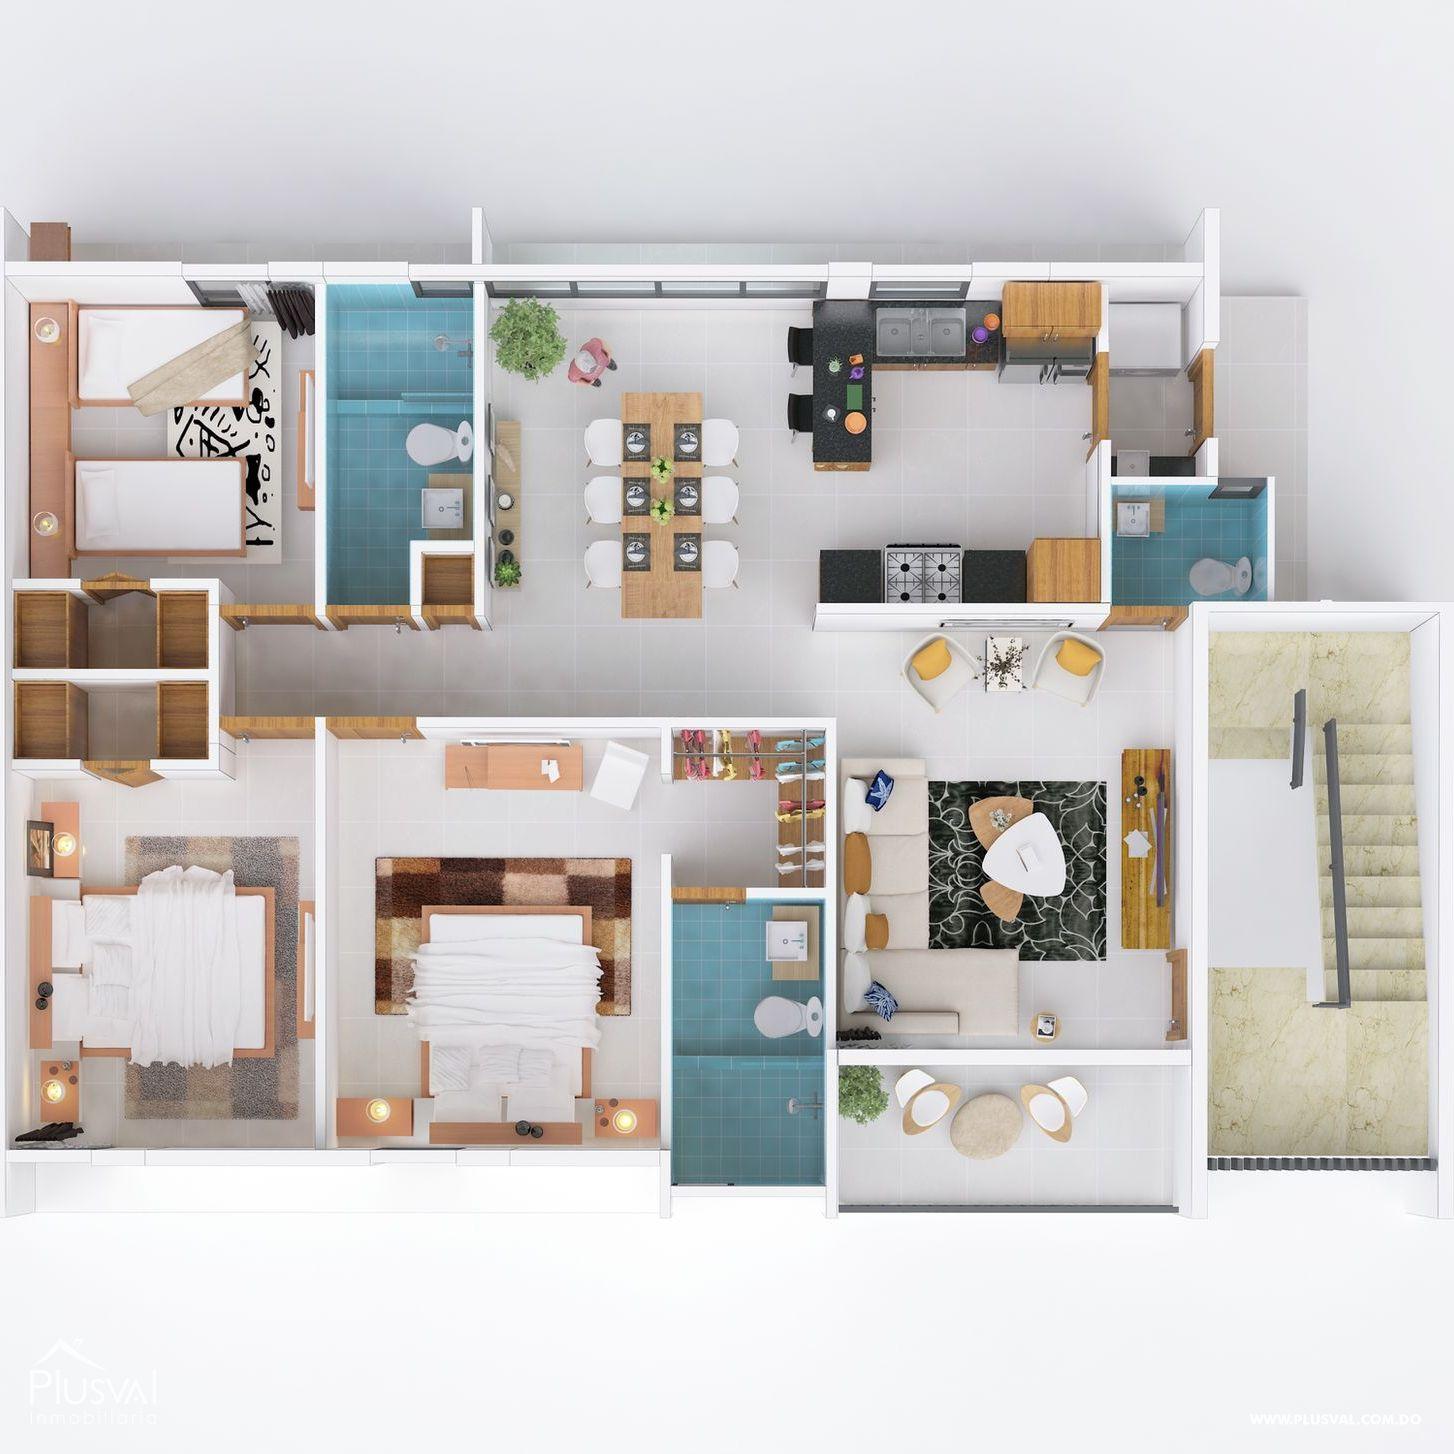 Apartamento de venta en Don Pedro con área social y piscina 178462